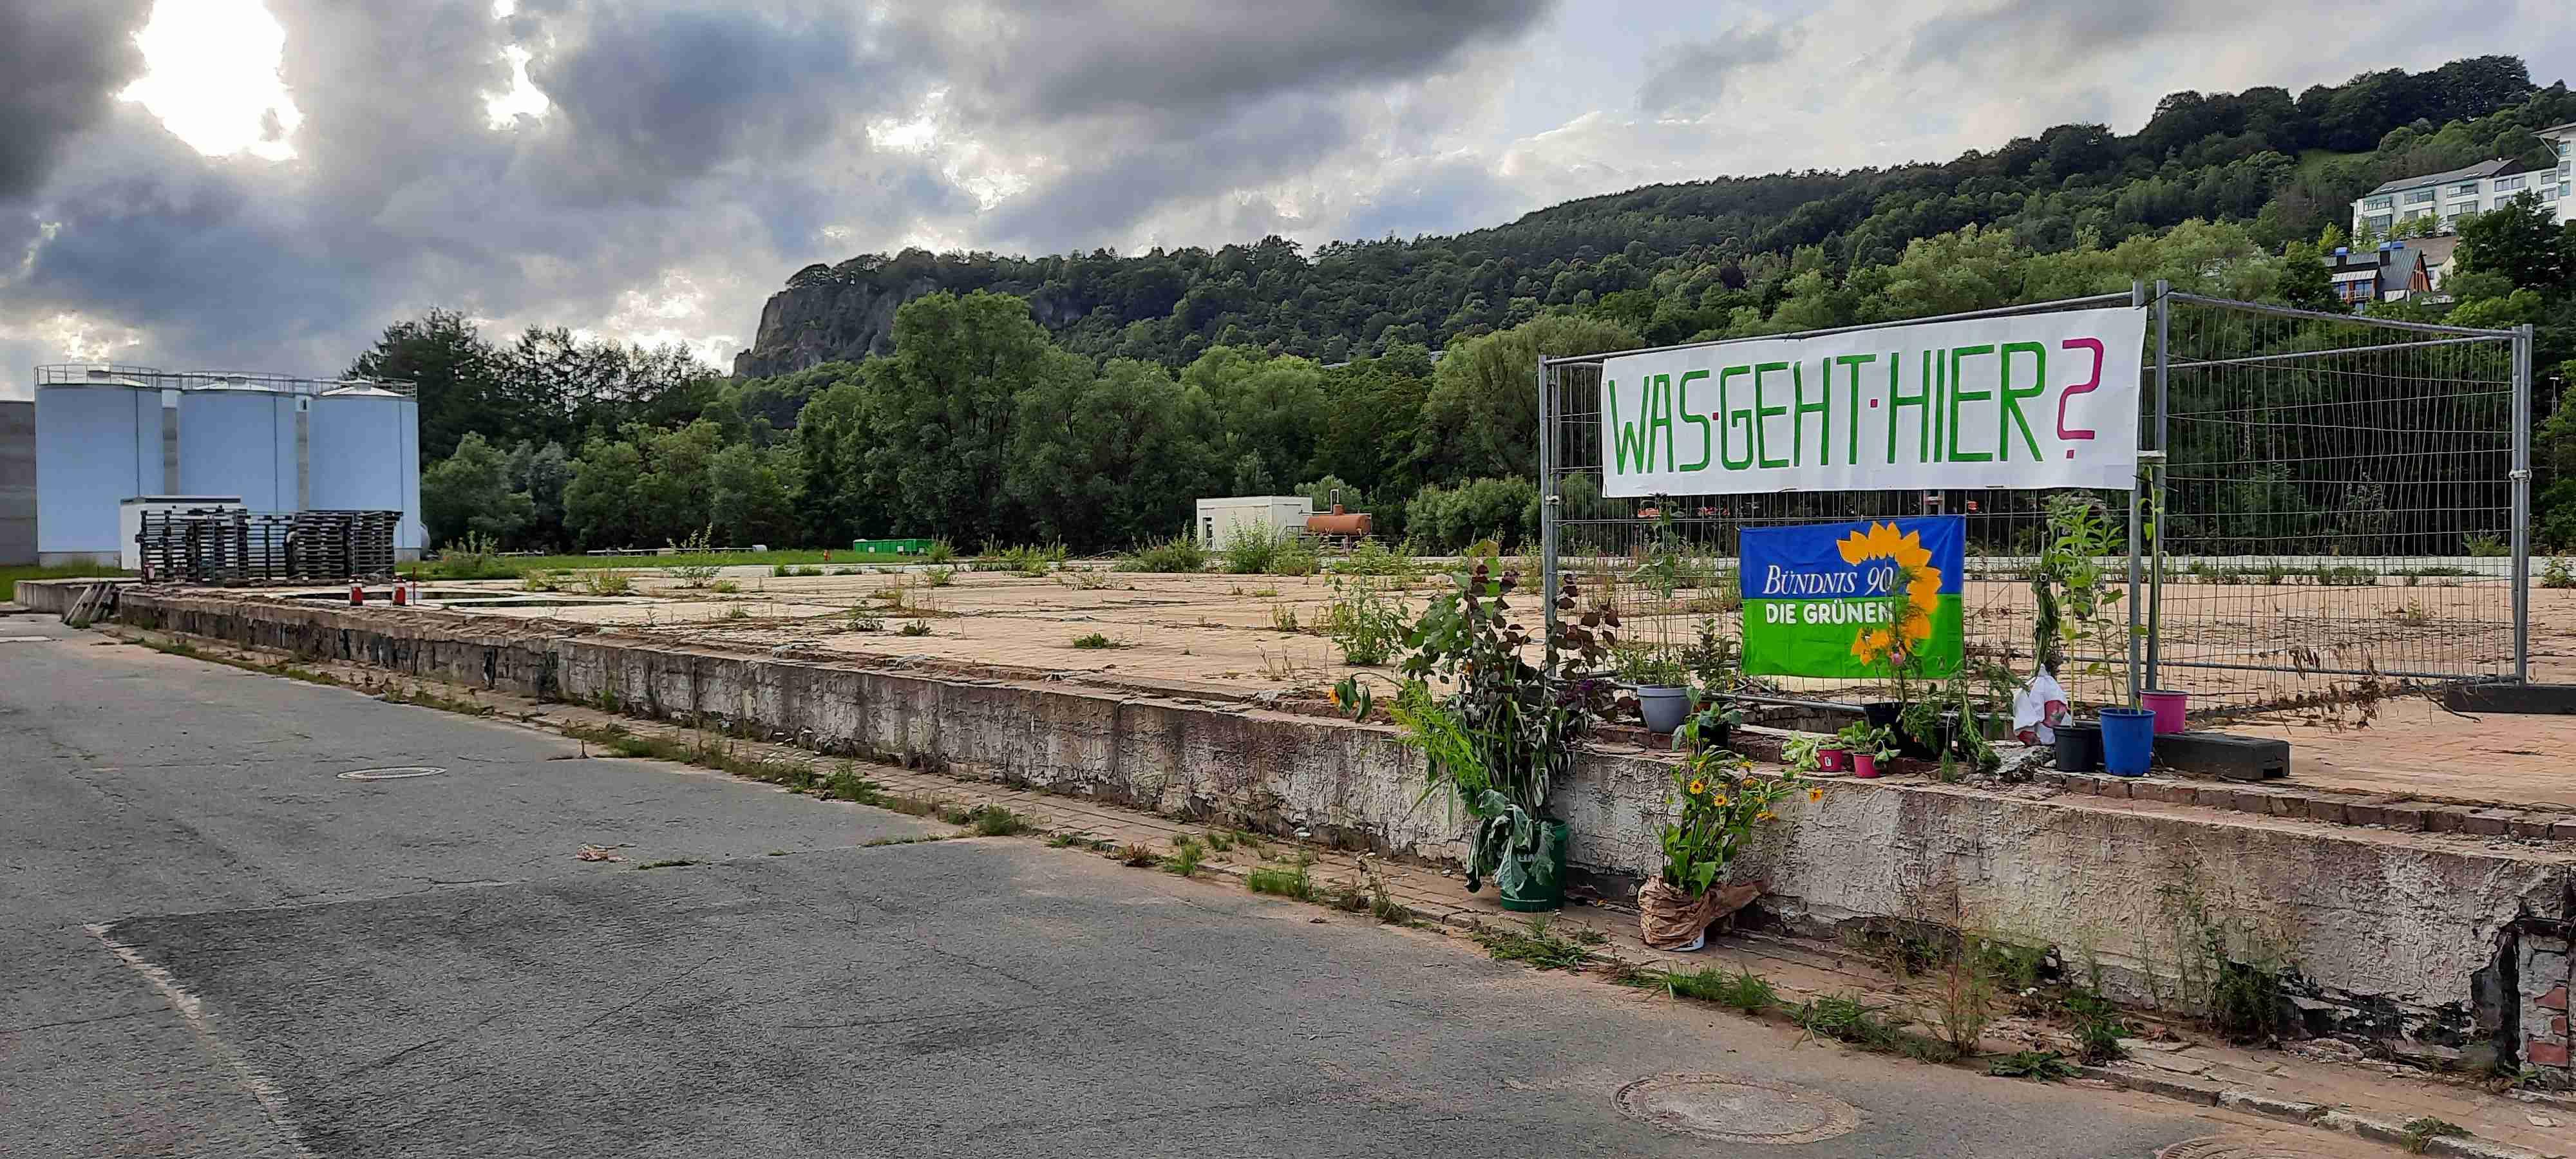 Symbolische Pflanzaktion auf dem ehemaligem Brunnengelände - Was geht hier?